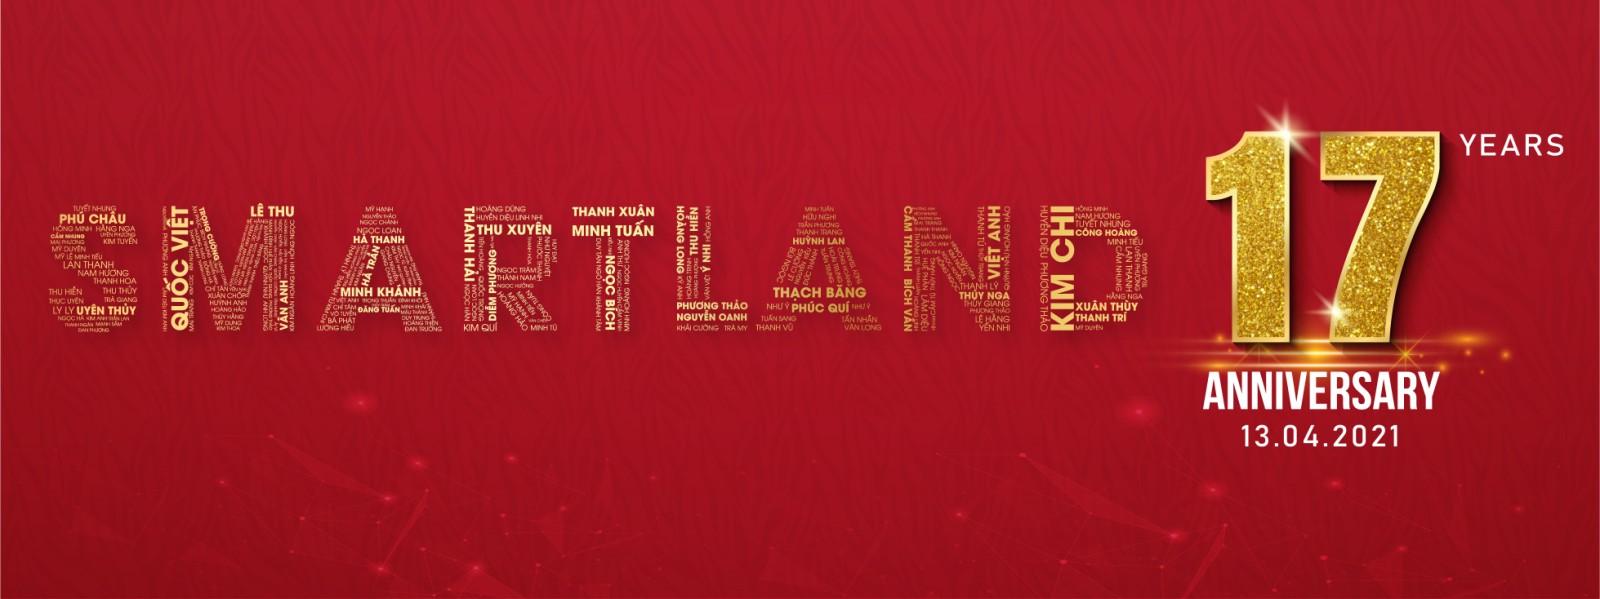 smartland-ky-niem-17-nam-thanh-lap